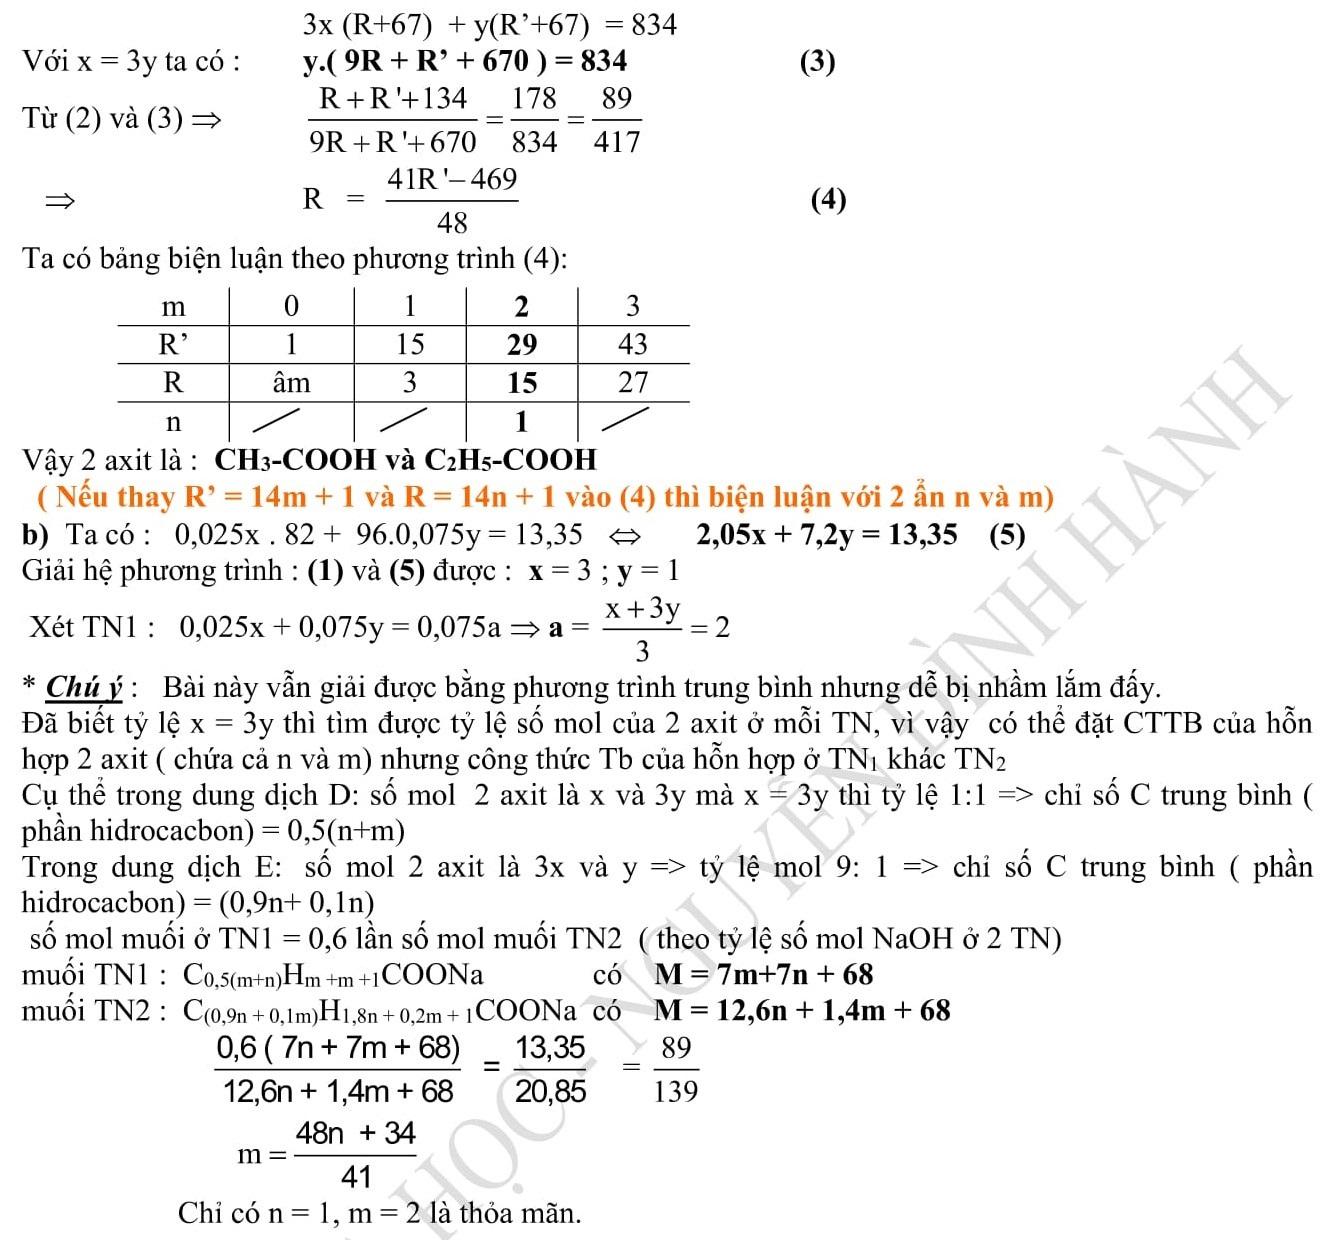 Đáp án và đề thi HSG Hóa Học 9 phòng GD&ĐT Hải Phòng 2010-2011